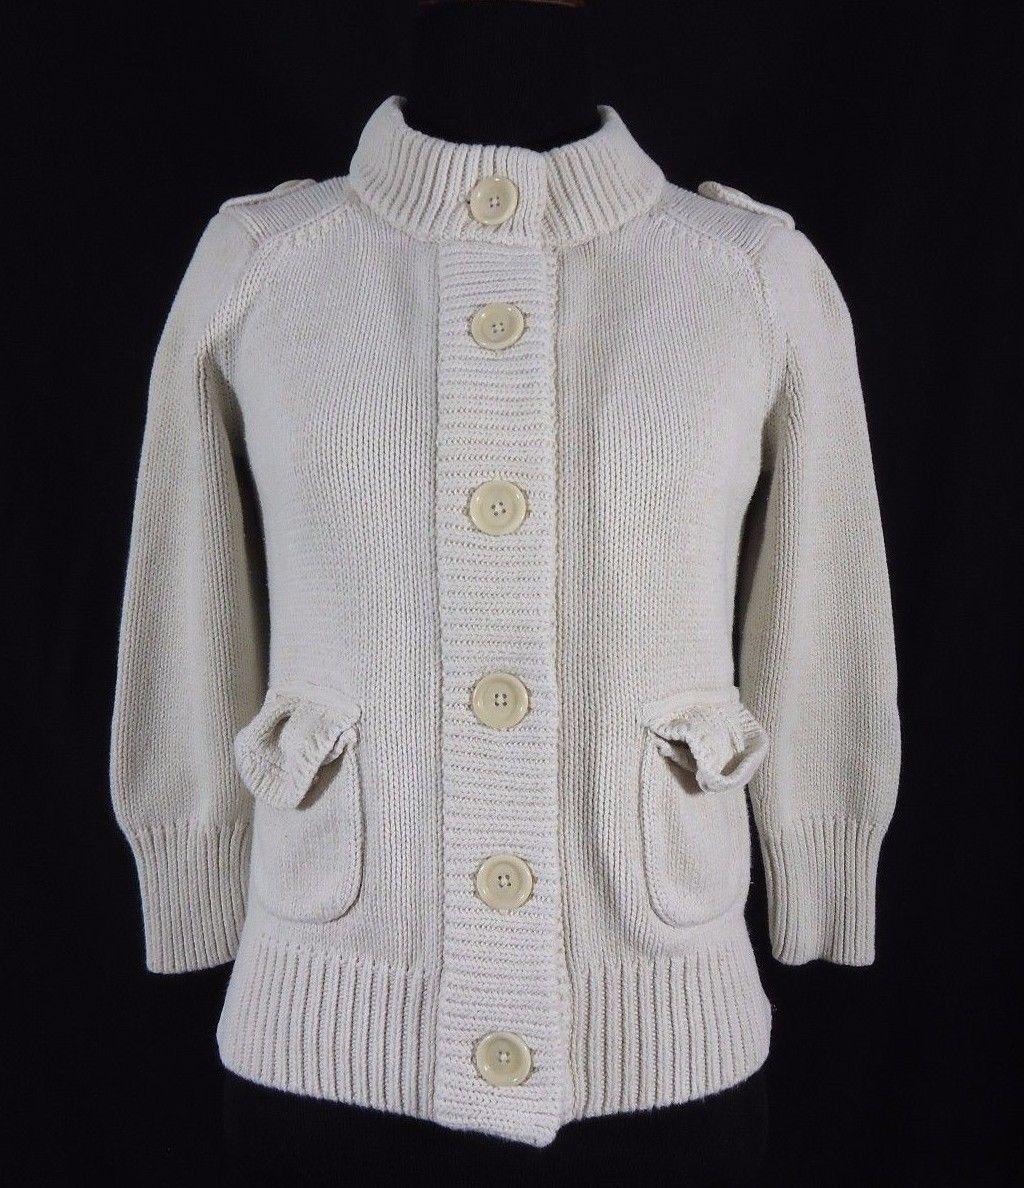 f50a213db4e2 Banana Republic Heavy Knit Sweater Jacket and 50 similar items. 57